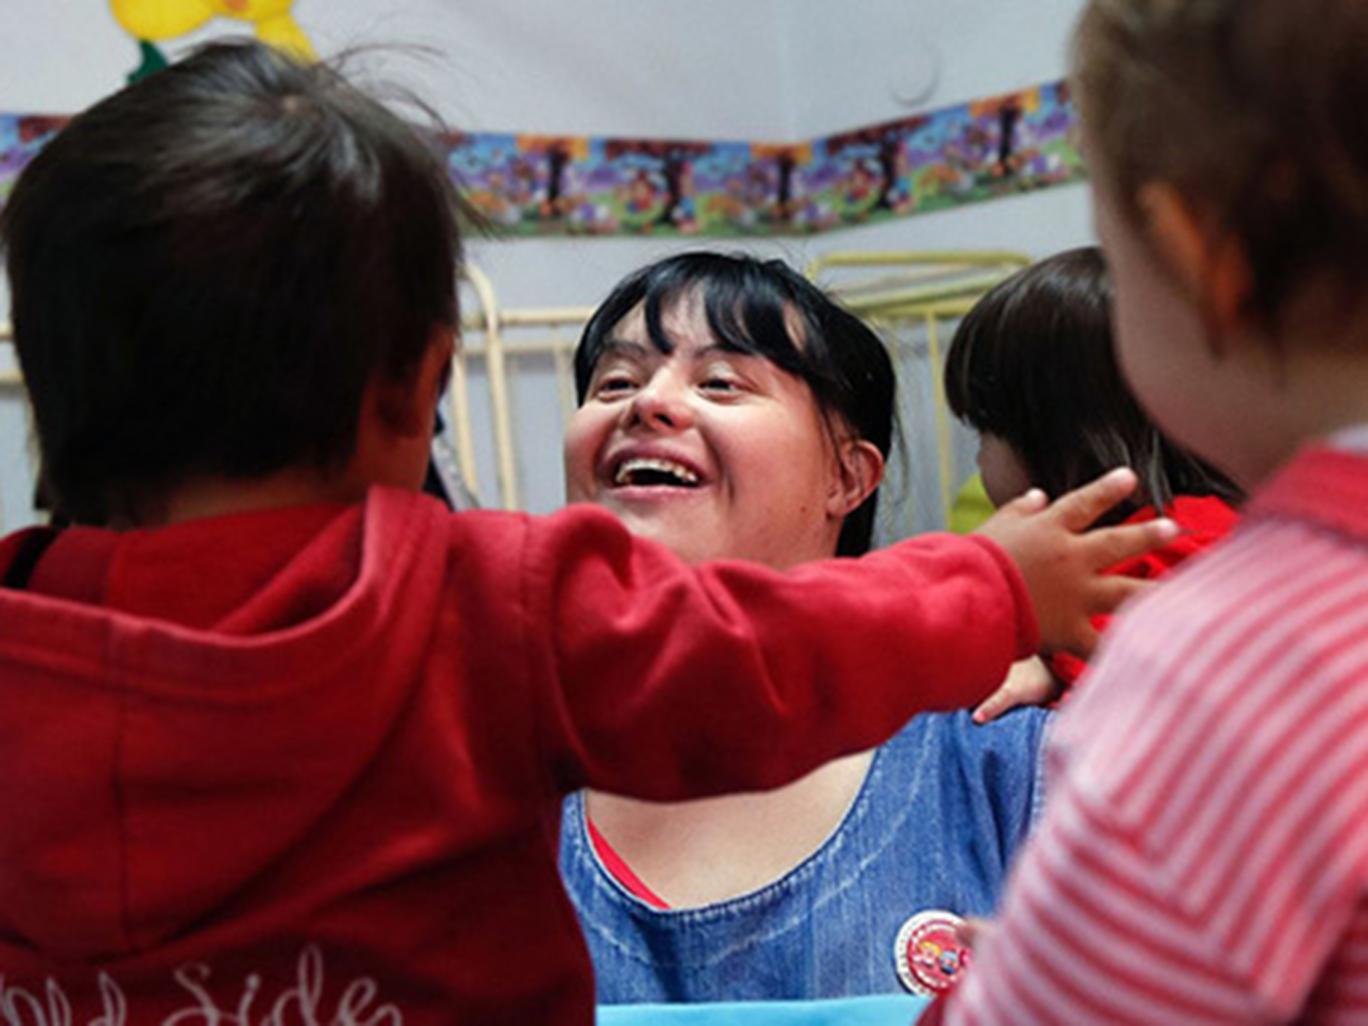 زن آرژانتینی اولین مربی مهدکودک با سندروم داون